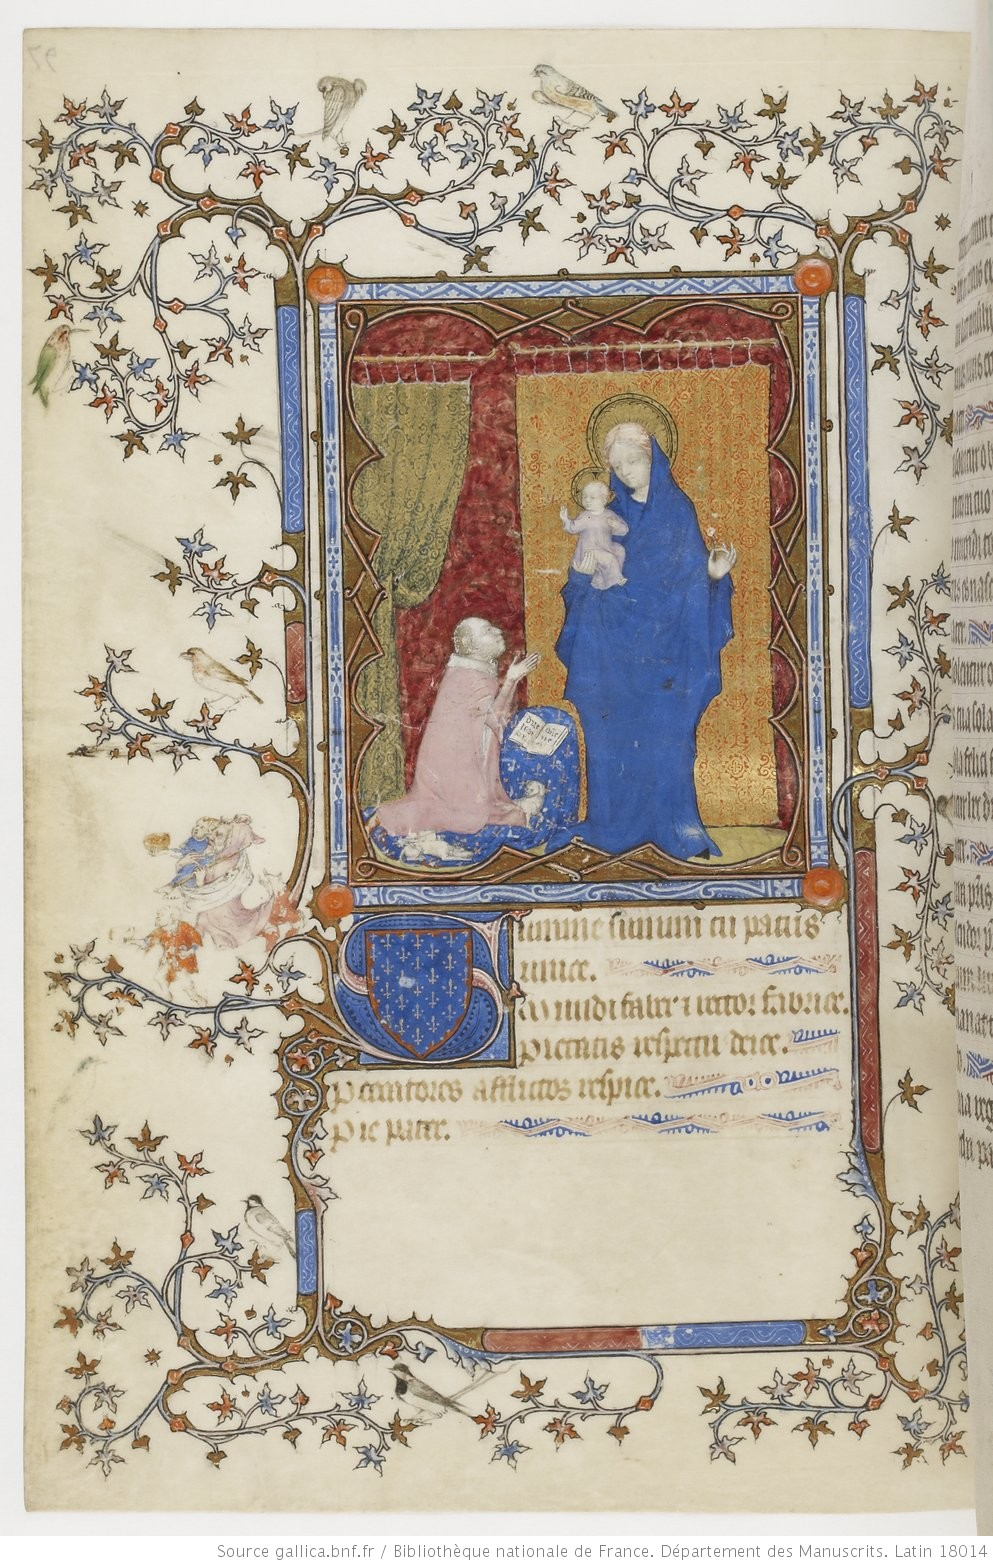 1385-90 Jean de Berry devant la Vierge à l'Enfant Petites heures de Jean de Berry, Gallica MS 18014 fol 97v